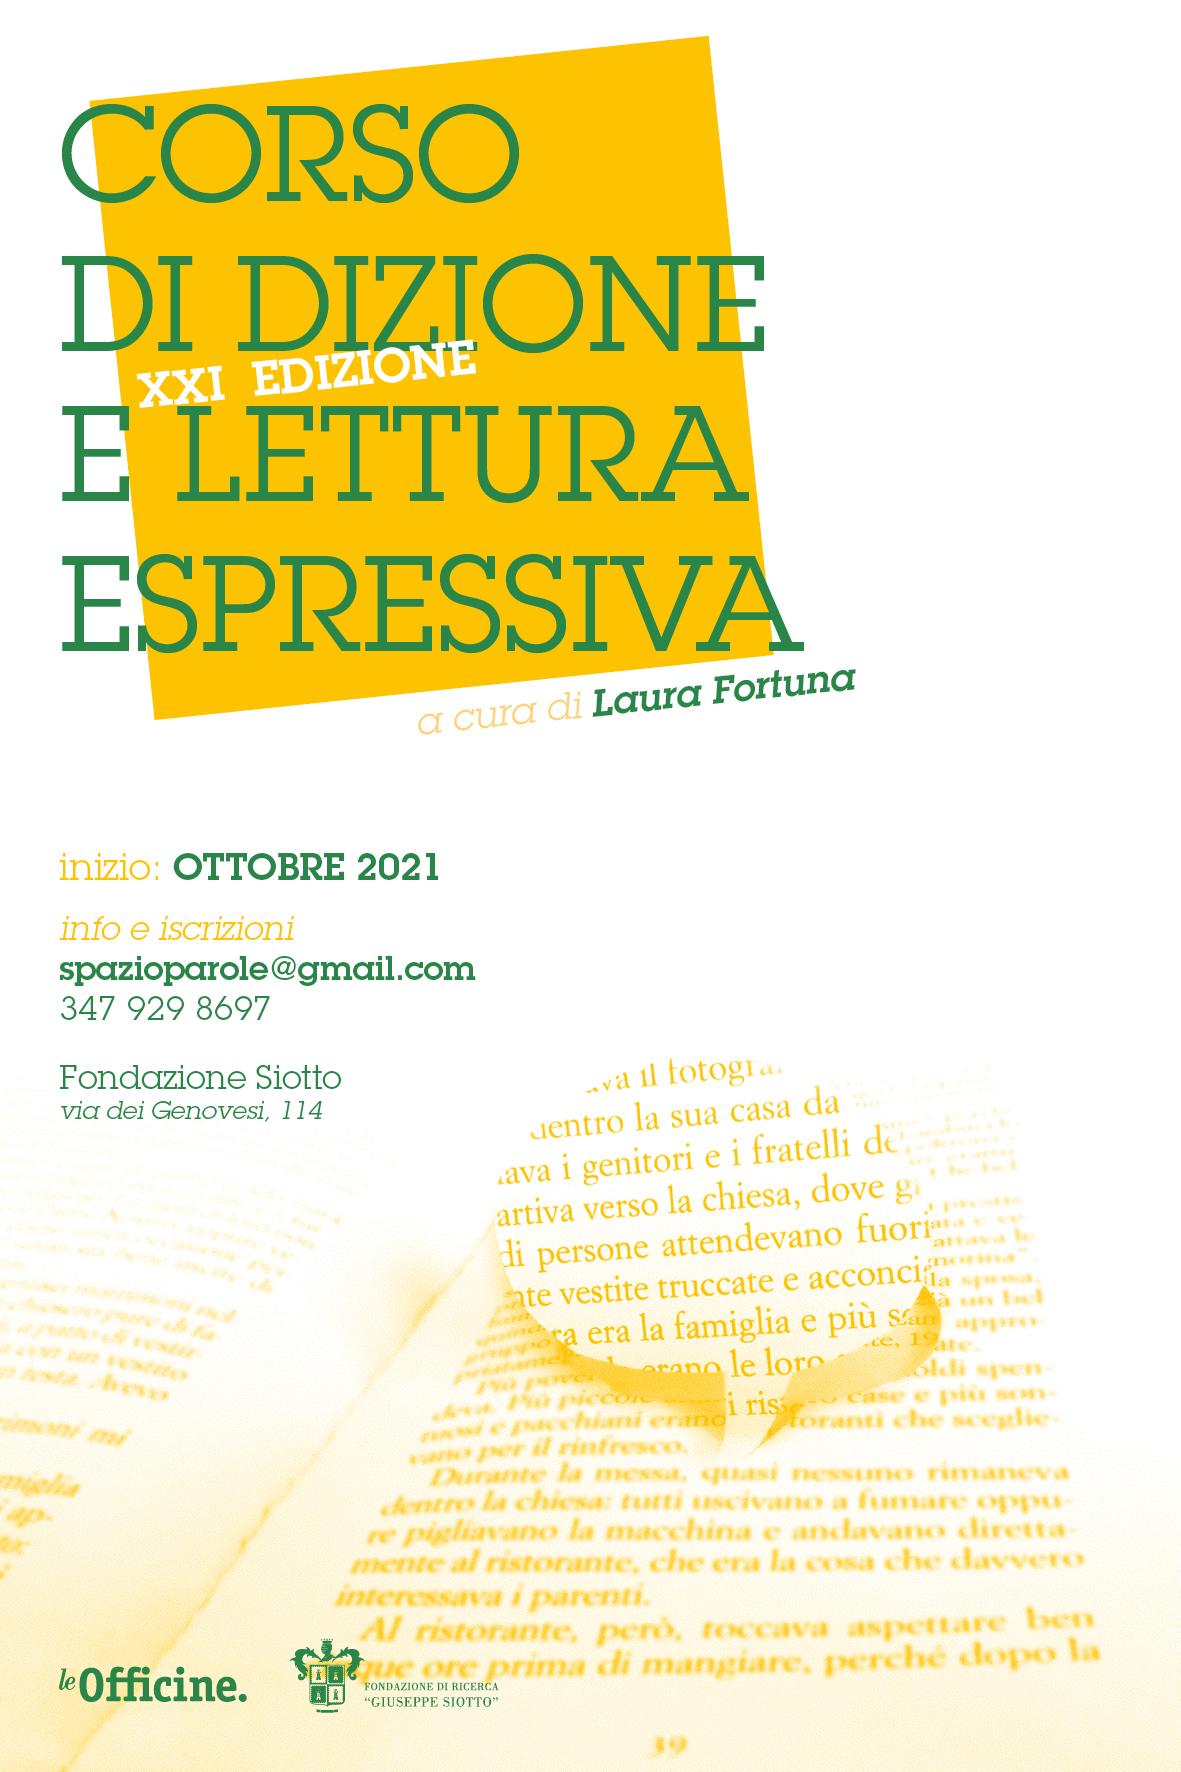 CORSO DI DIZIONE E LETTURA ESPRESSIVA a cura di Laura Fortuna – XXI edizione